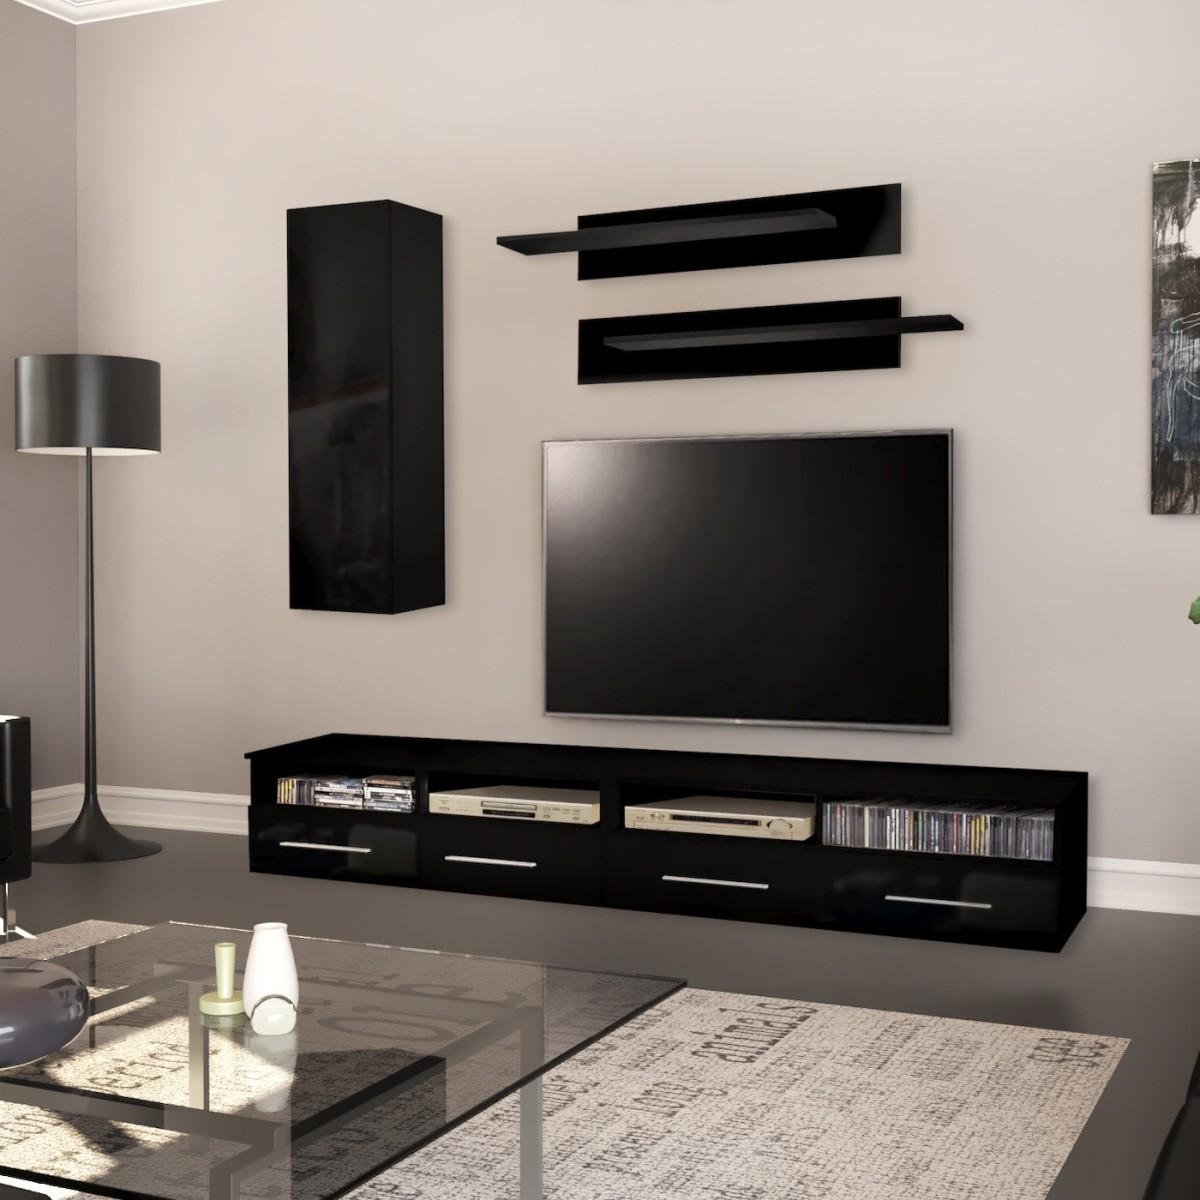 Parete soggiorno moderna in legno bianco o nero Maybelle